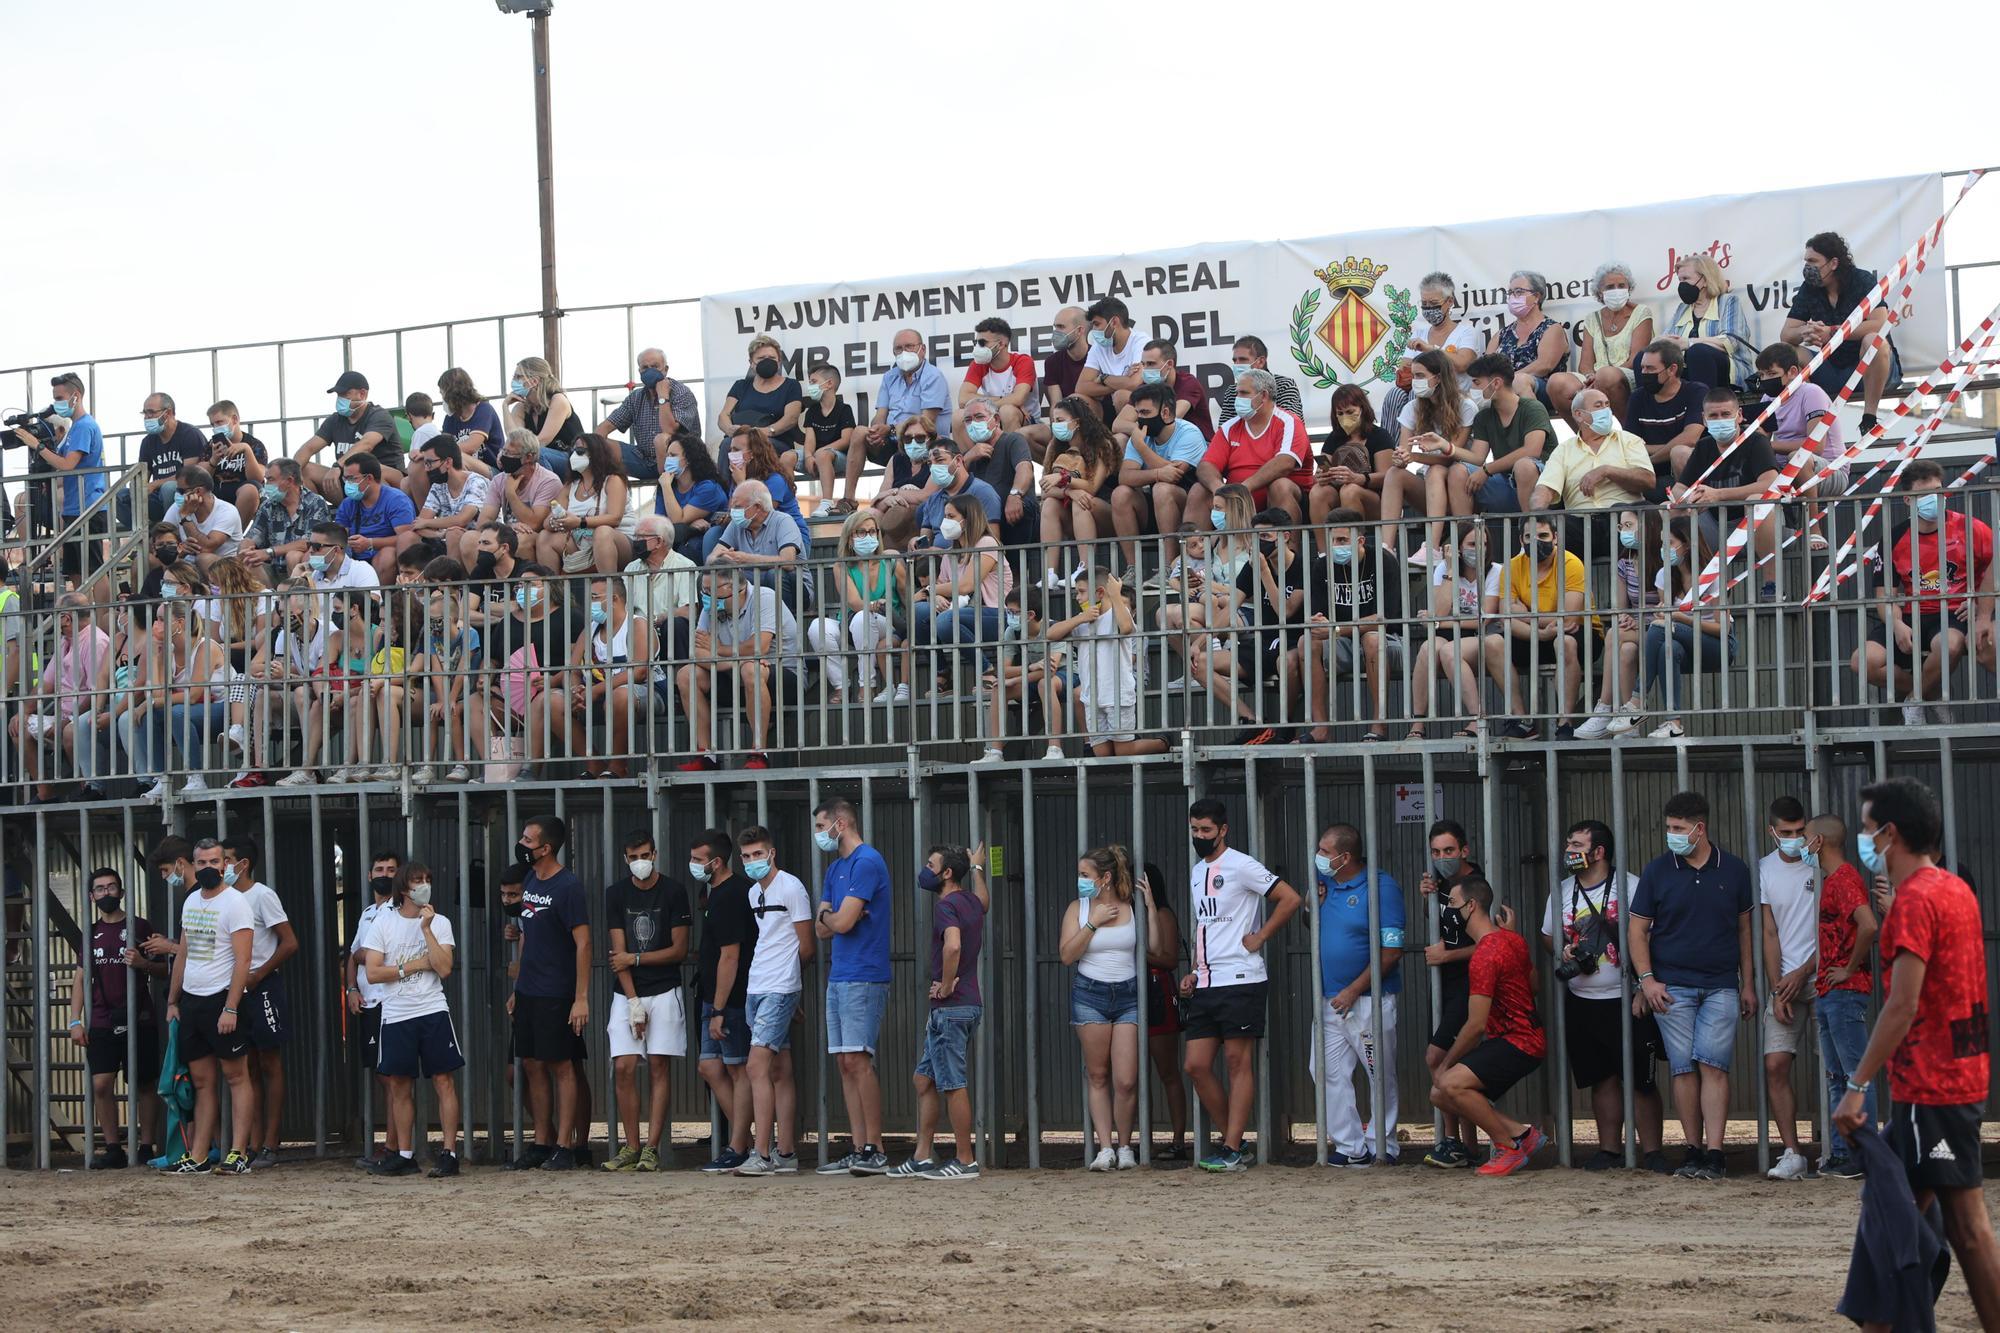 Primera jornada taurina de las fiestas de Vila-real